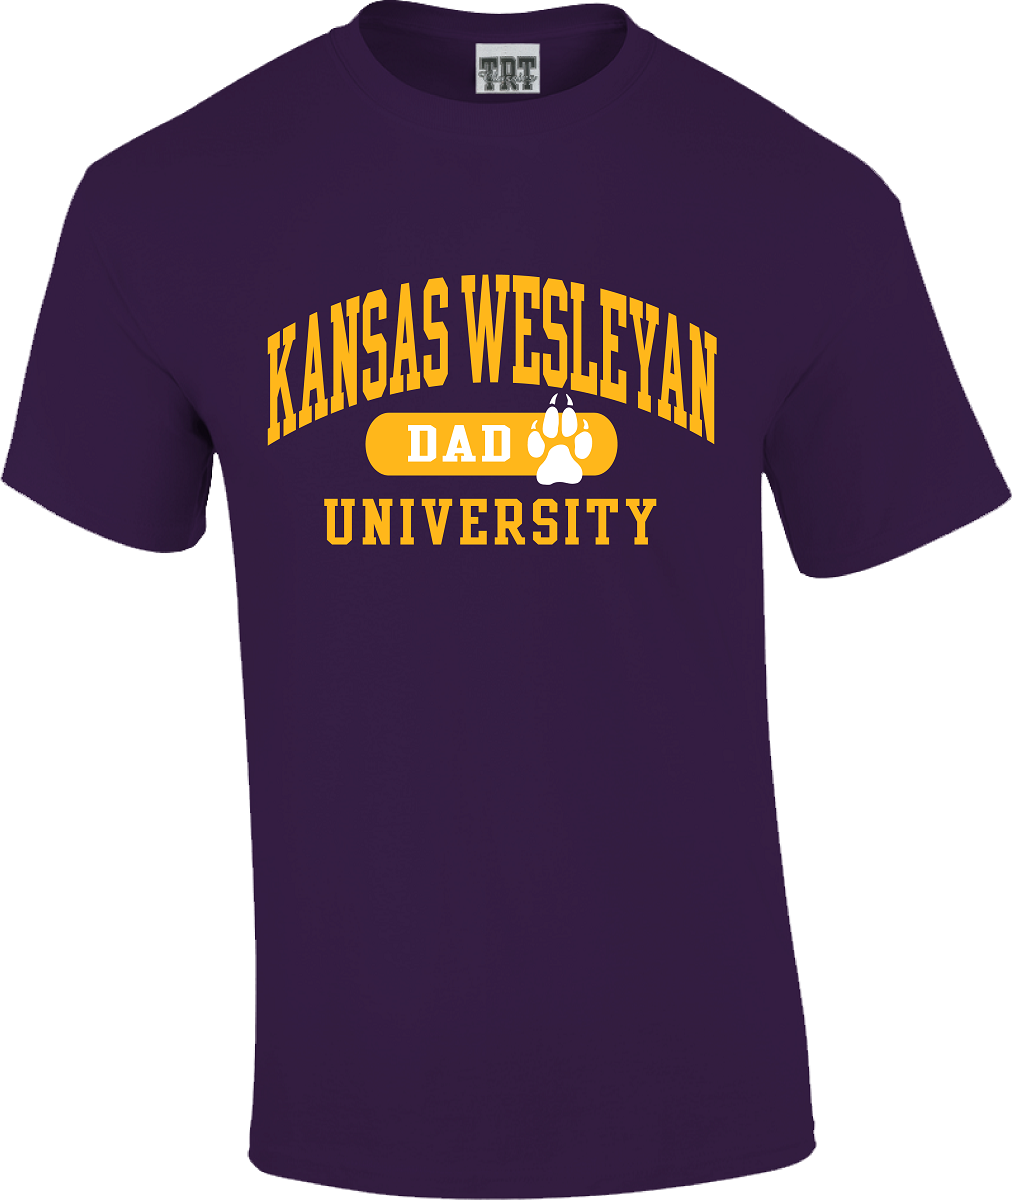 Kansas Wesleyan University Dad T-Shirt